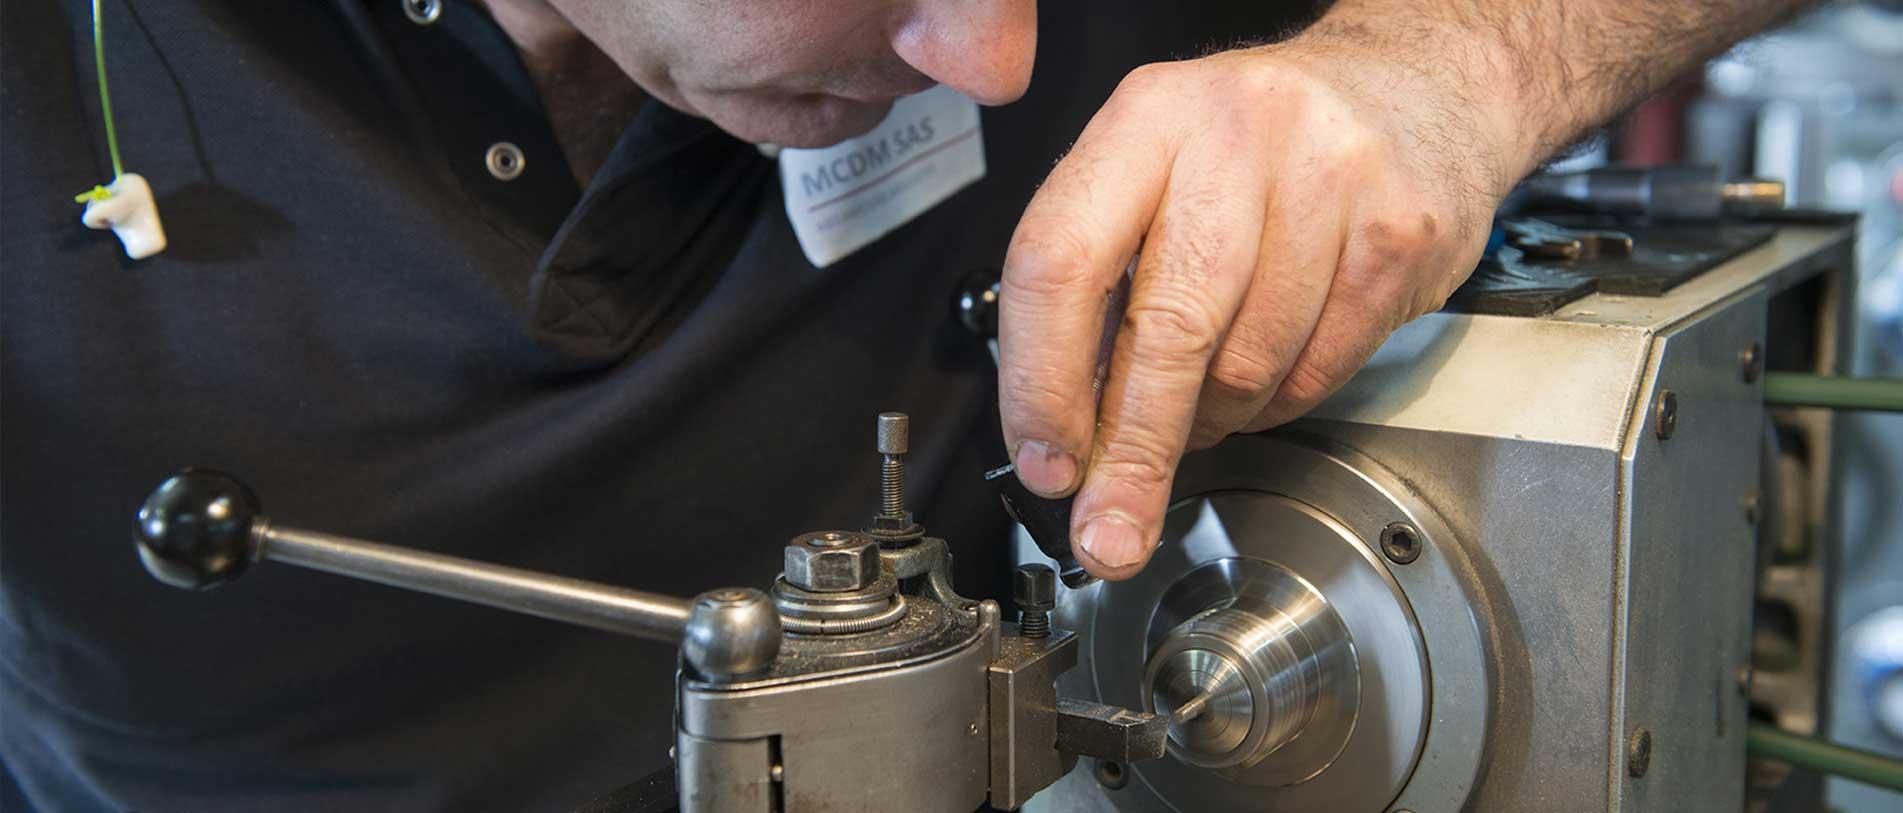 Une palette complète de technologies maîtrisées pour vos besoins en moules métalliques de précision pour l'injection plastique.